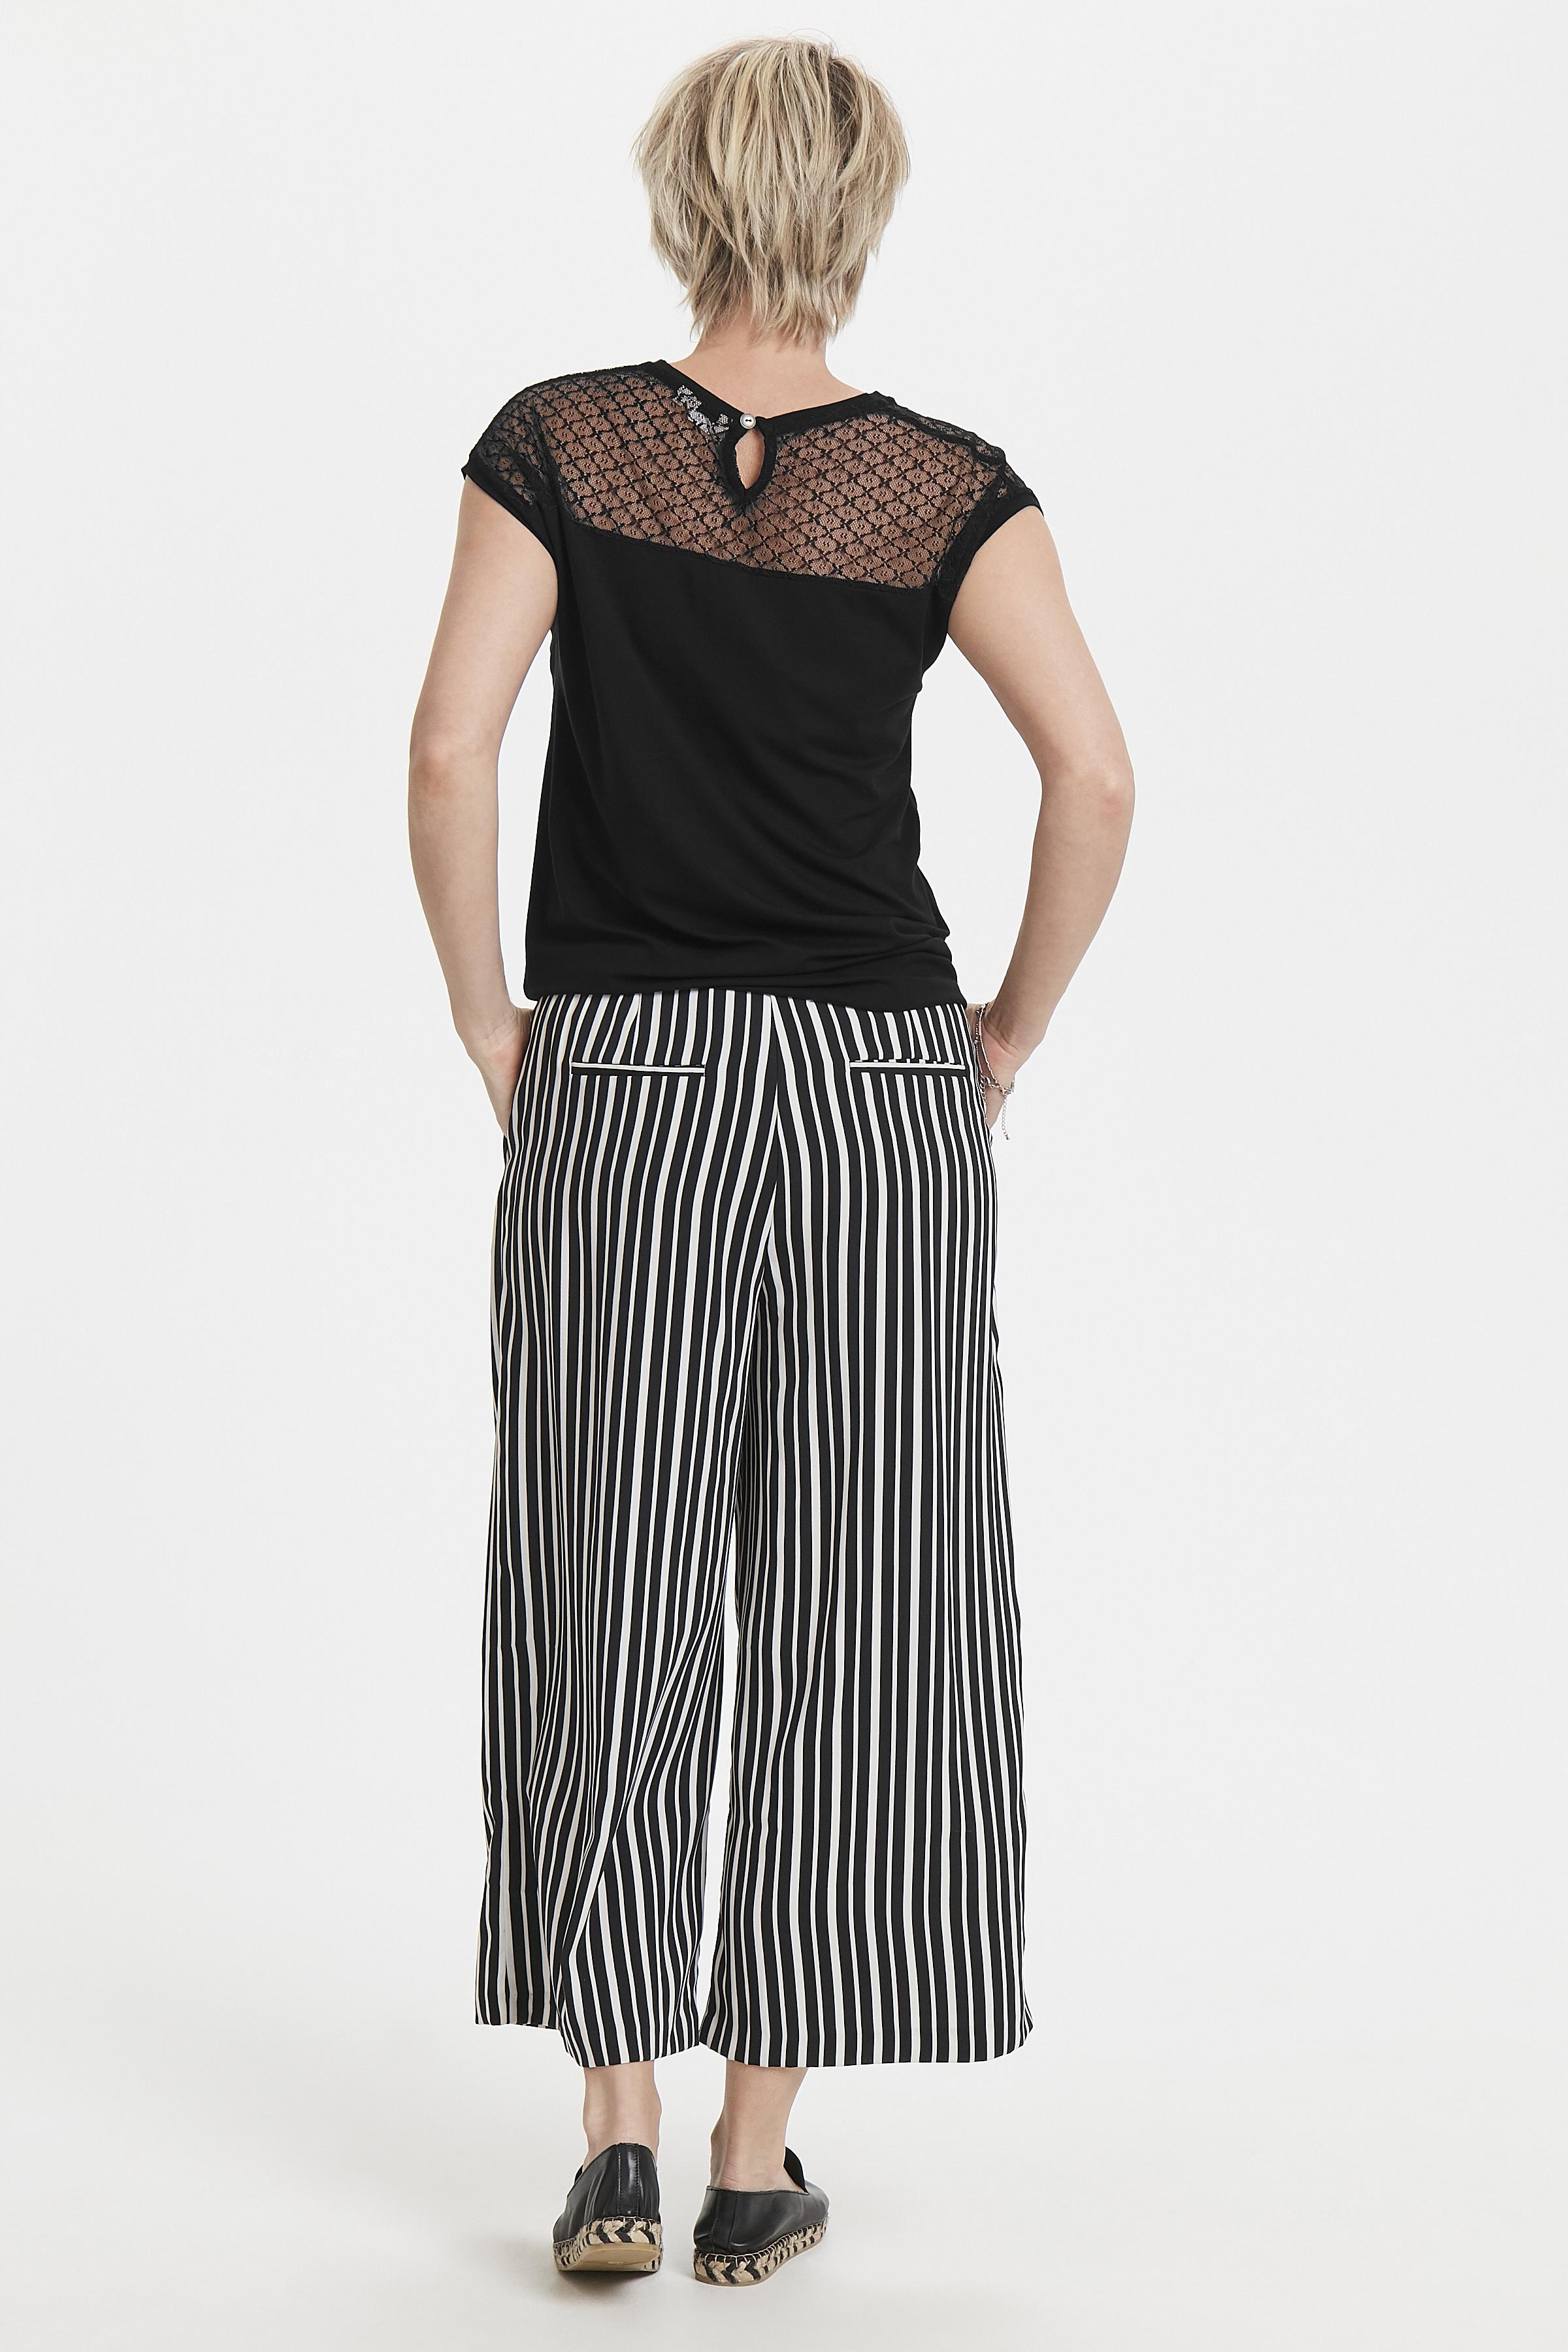 Zwart Korte mouwen shirt  van Bon'A Parte – Door Zwart Korte mouwen shirt  van maat. S-2XL hier